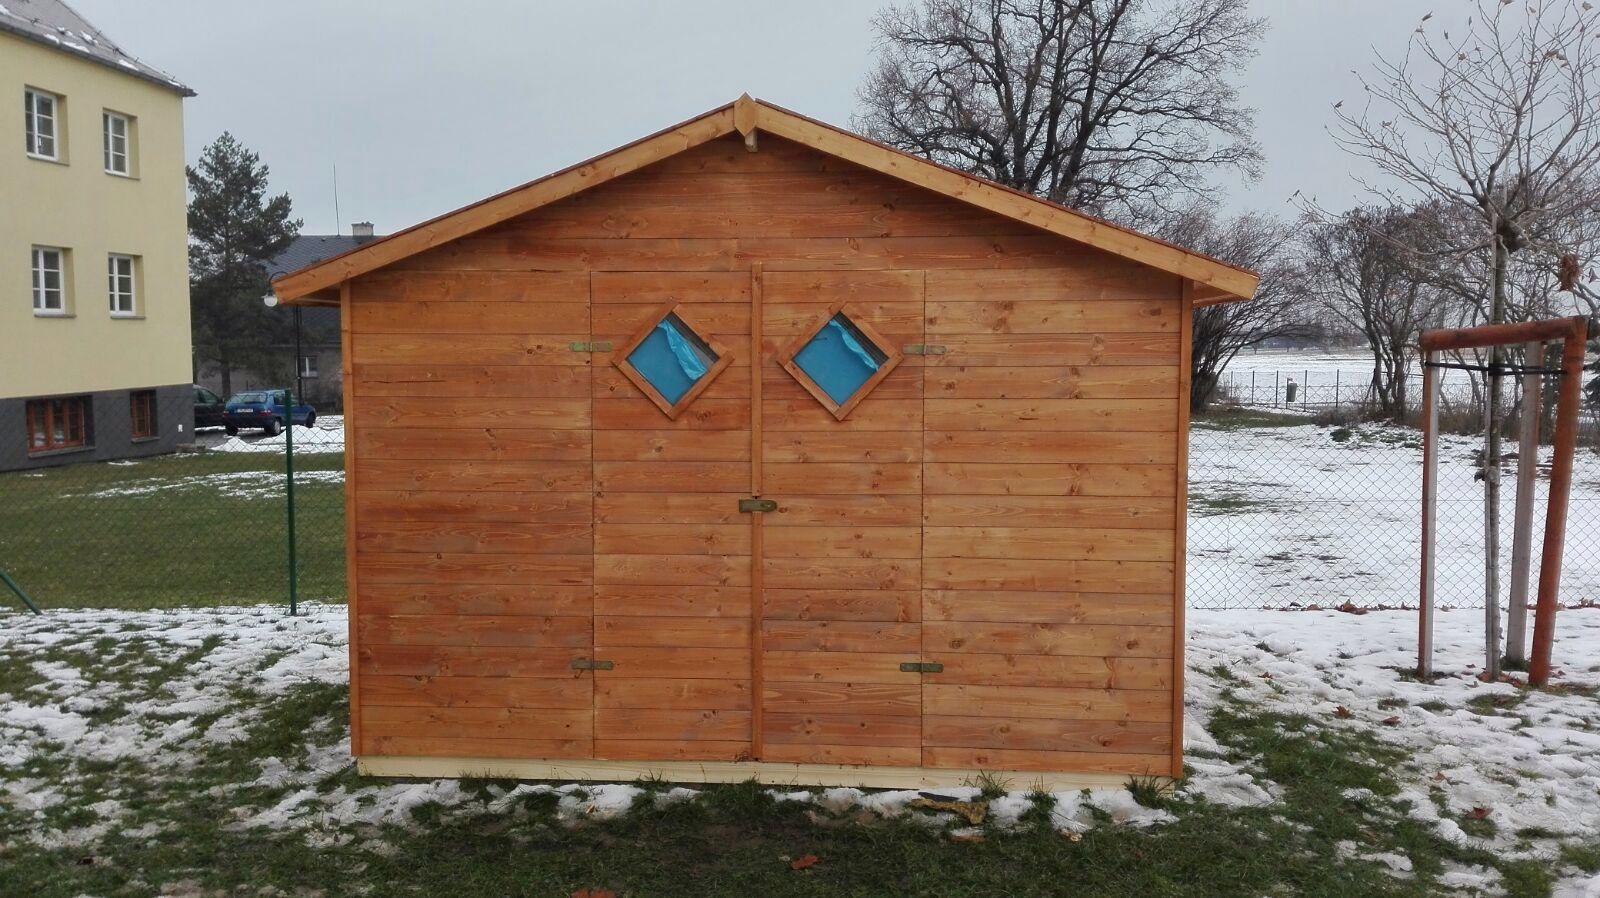 Casetas de jard n hasta 8 m2 caseta de jard n malaga for Casetas jardin baratas